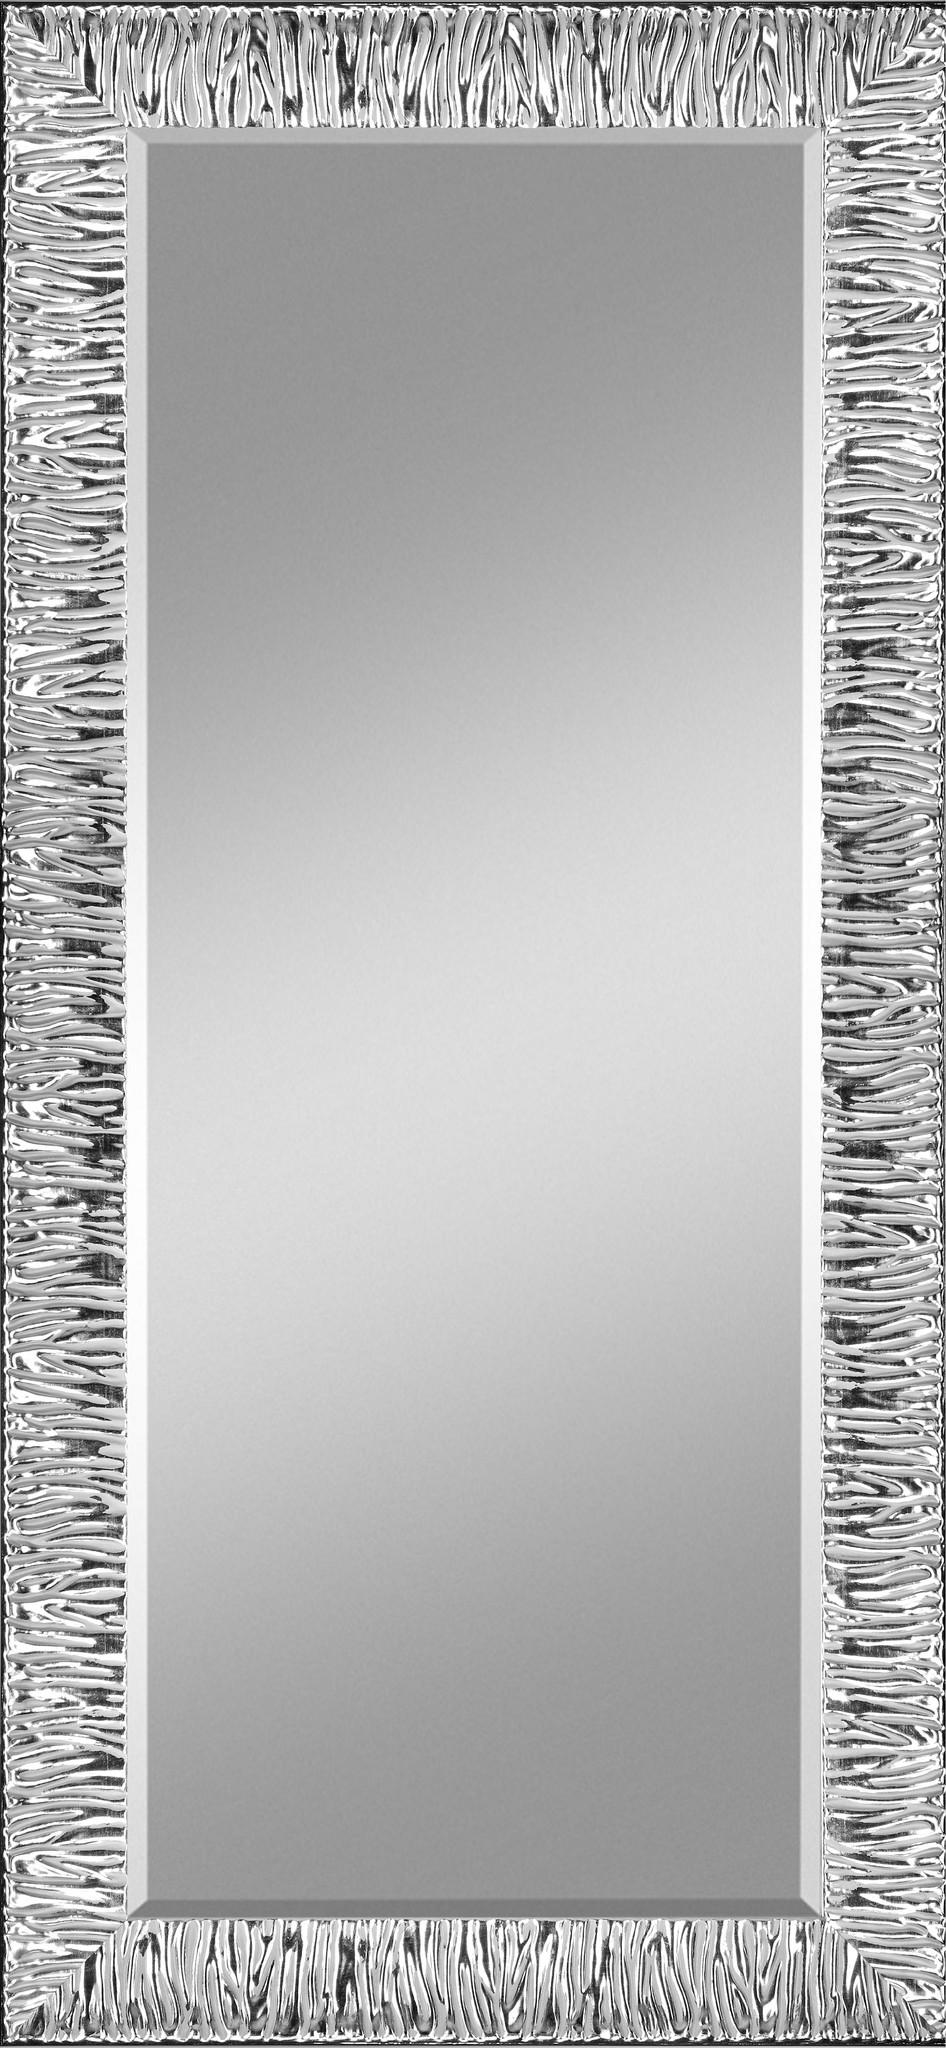 Zalena Rahmenspiegel Perino mit Zebra-Optik